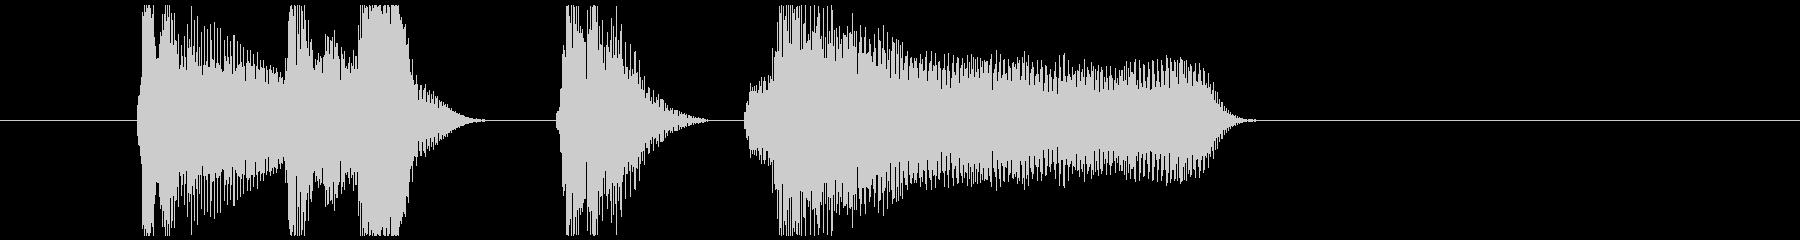 アコーディオン北欧系ほのぼのジングルの未再生の波形